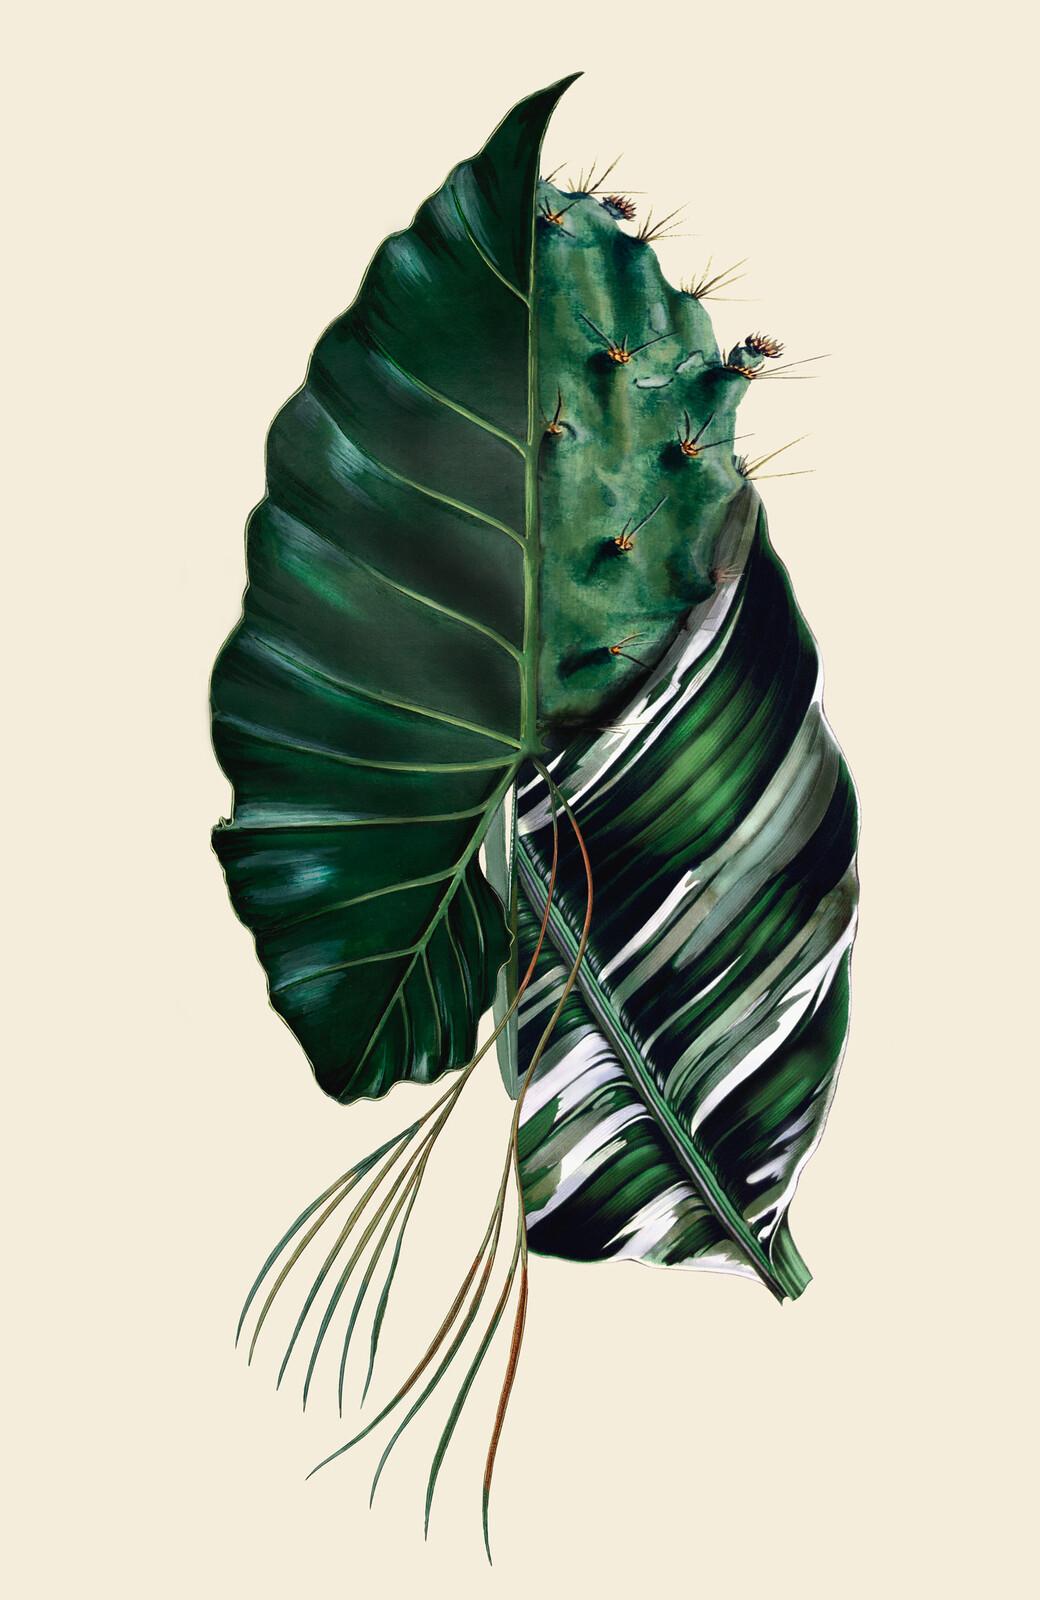 Philocactus - Rive Roshan